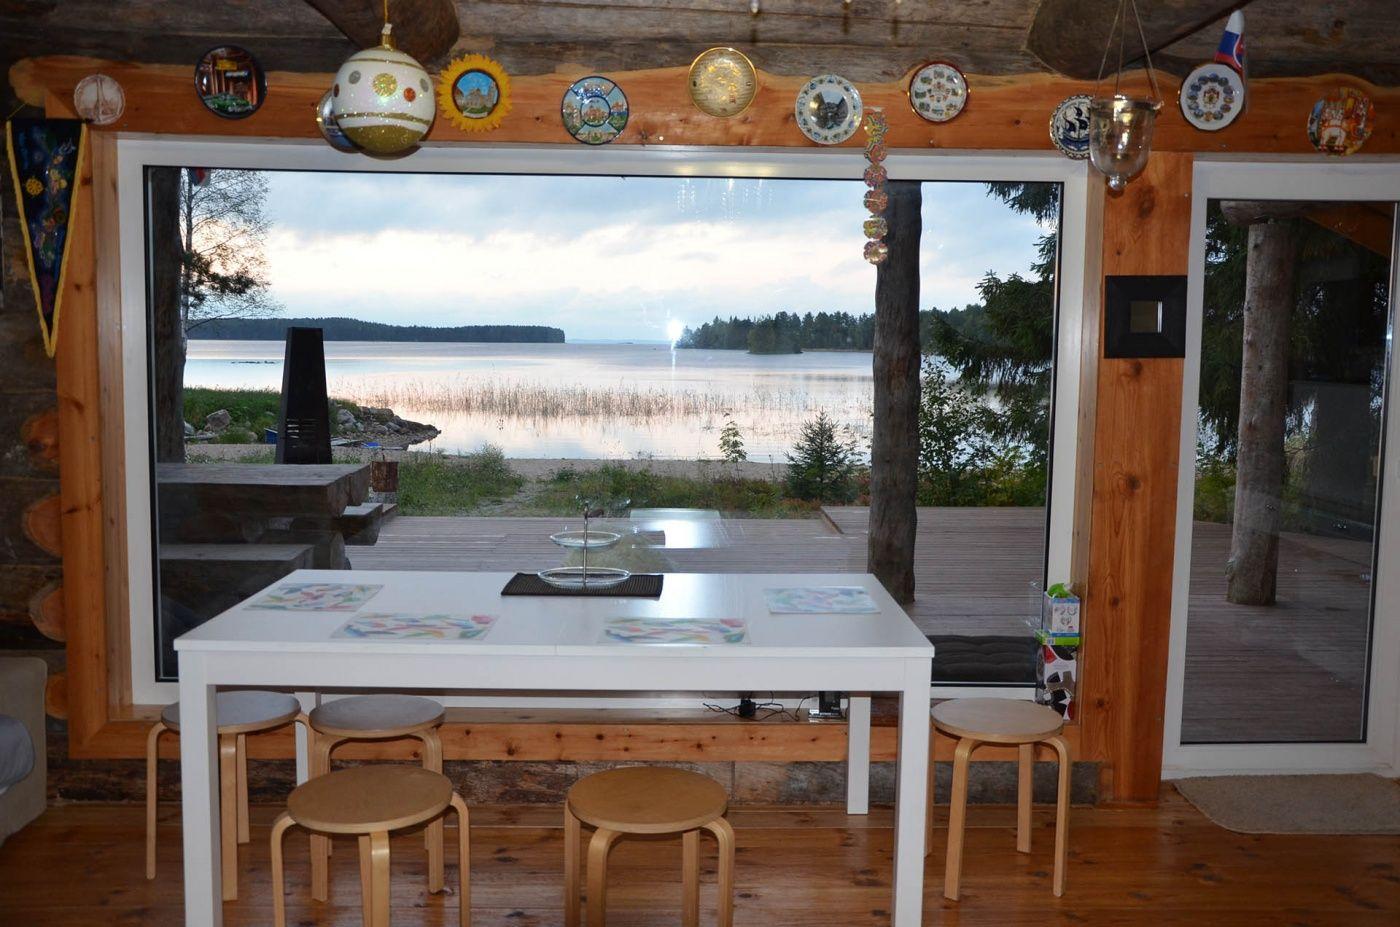 Комплекс гостевых домов «Karelia Village» Республика Карелия Коттедж «Ангенлахти-1», «Ангенлахти-2», «Ангенлахти-3», фото 12